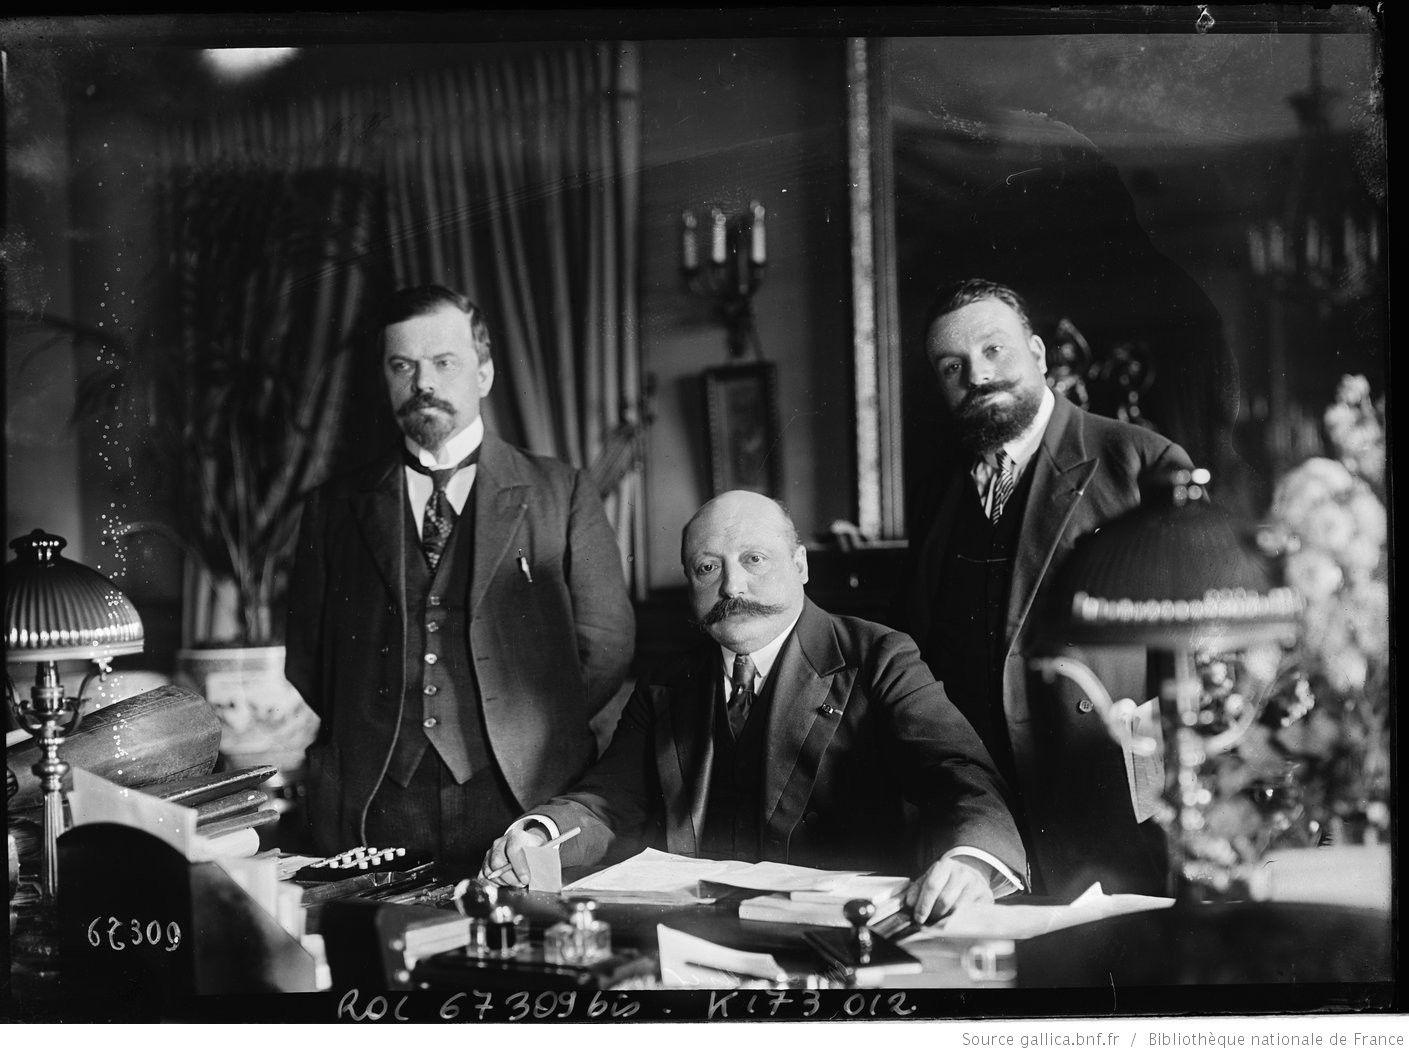 i'd like all todays politicians to have those moustaches (apart from turkish :) )  M. Leullier [préfet de police, entouré de deux hommes] : [photographie de presse] / [Agence Rol]